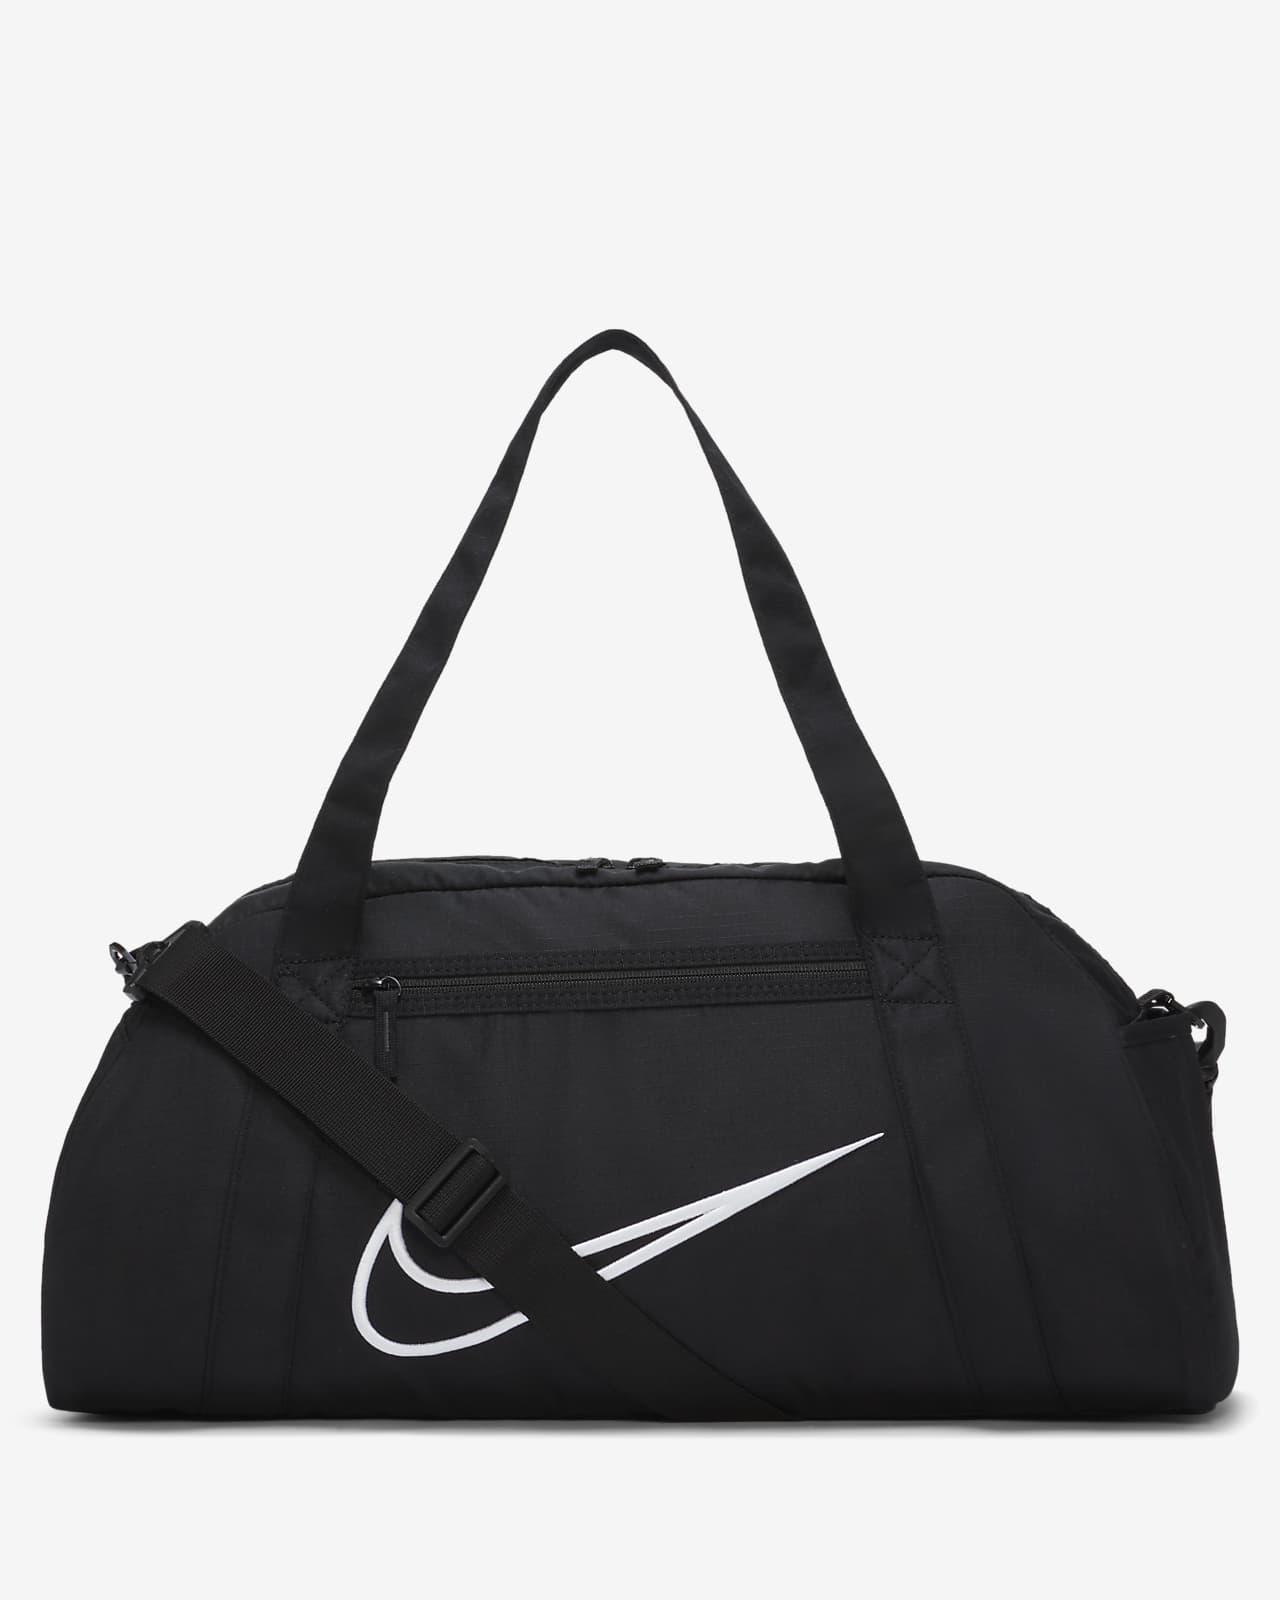 กระเป๋า Duffel เทรนนิ่งผู้หญิง Nike Gym Club